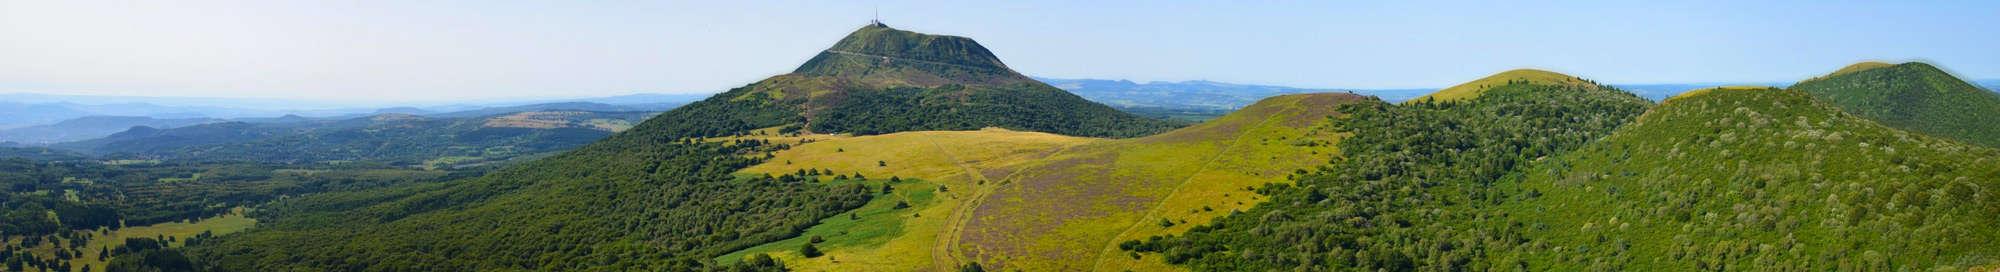 Week-end et séjour dans les Volcans d'Auvergne